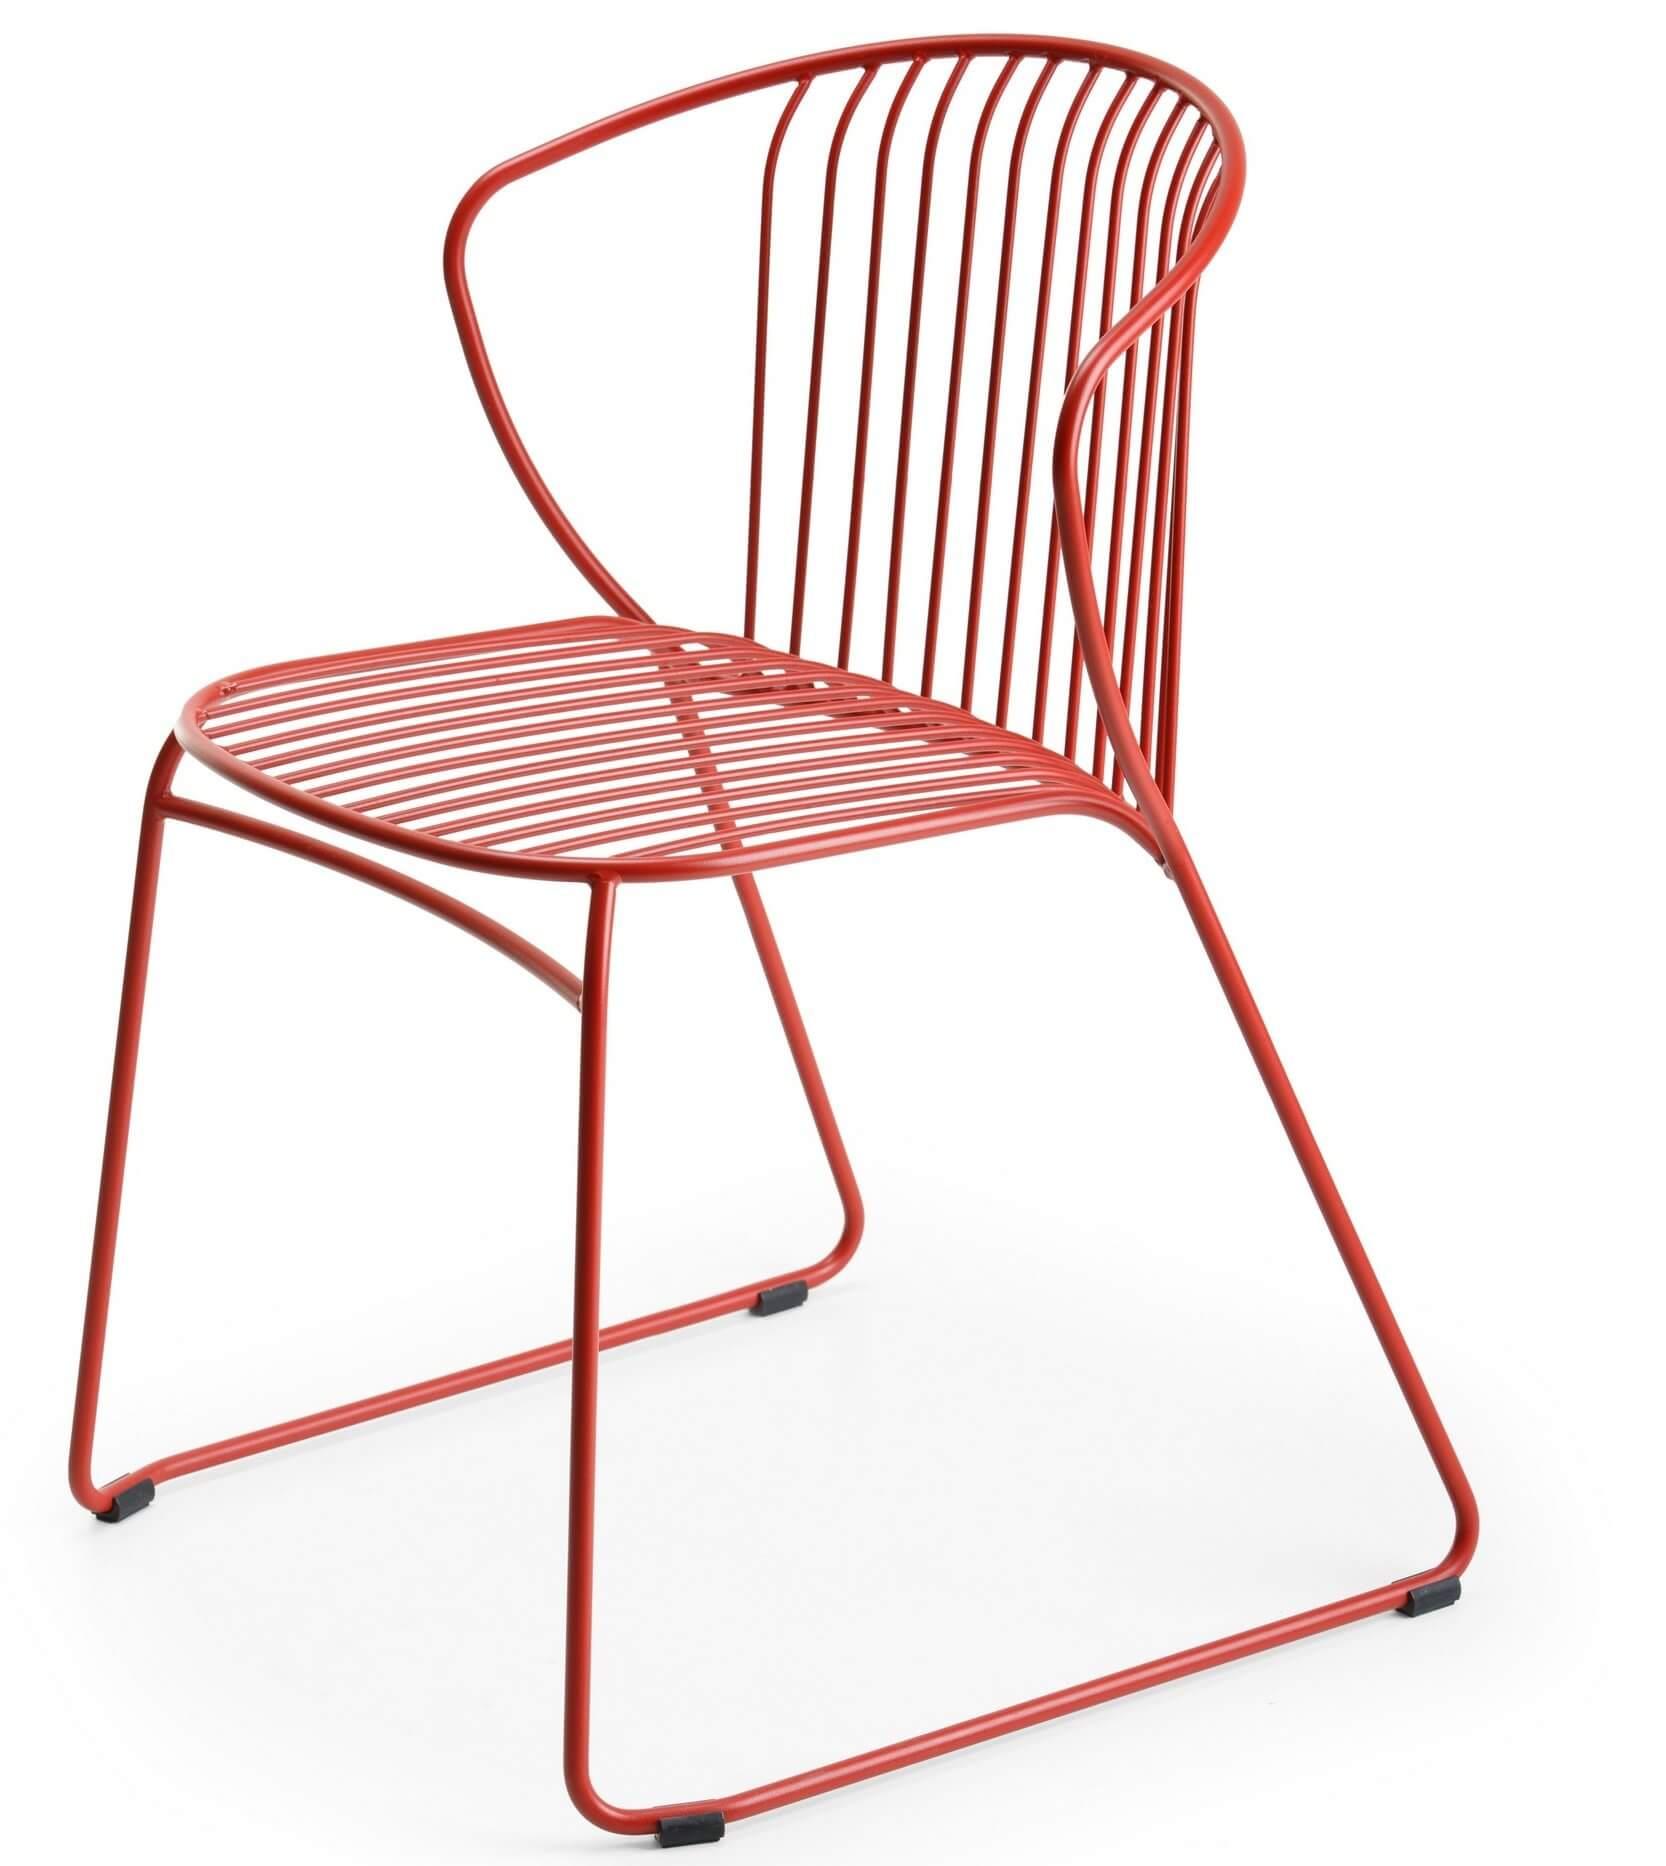 Chaise de terrasse design pour les professionnel HORECA.